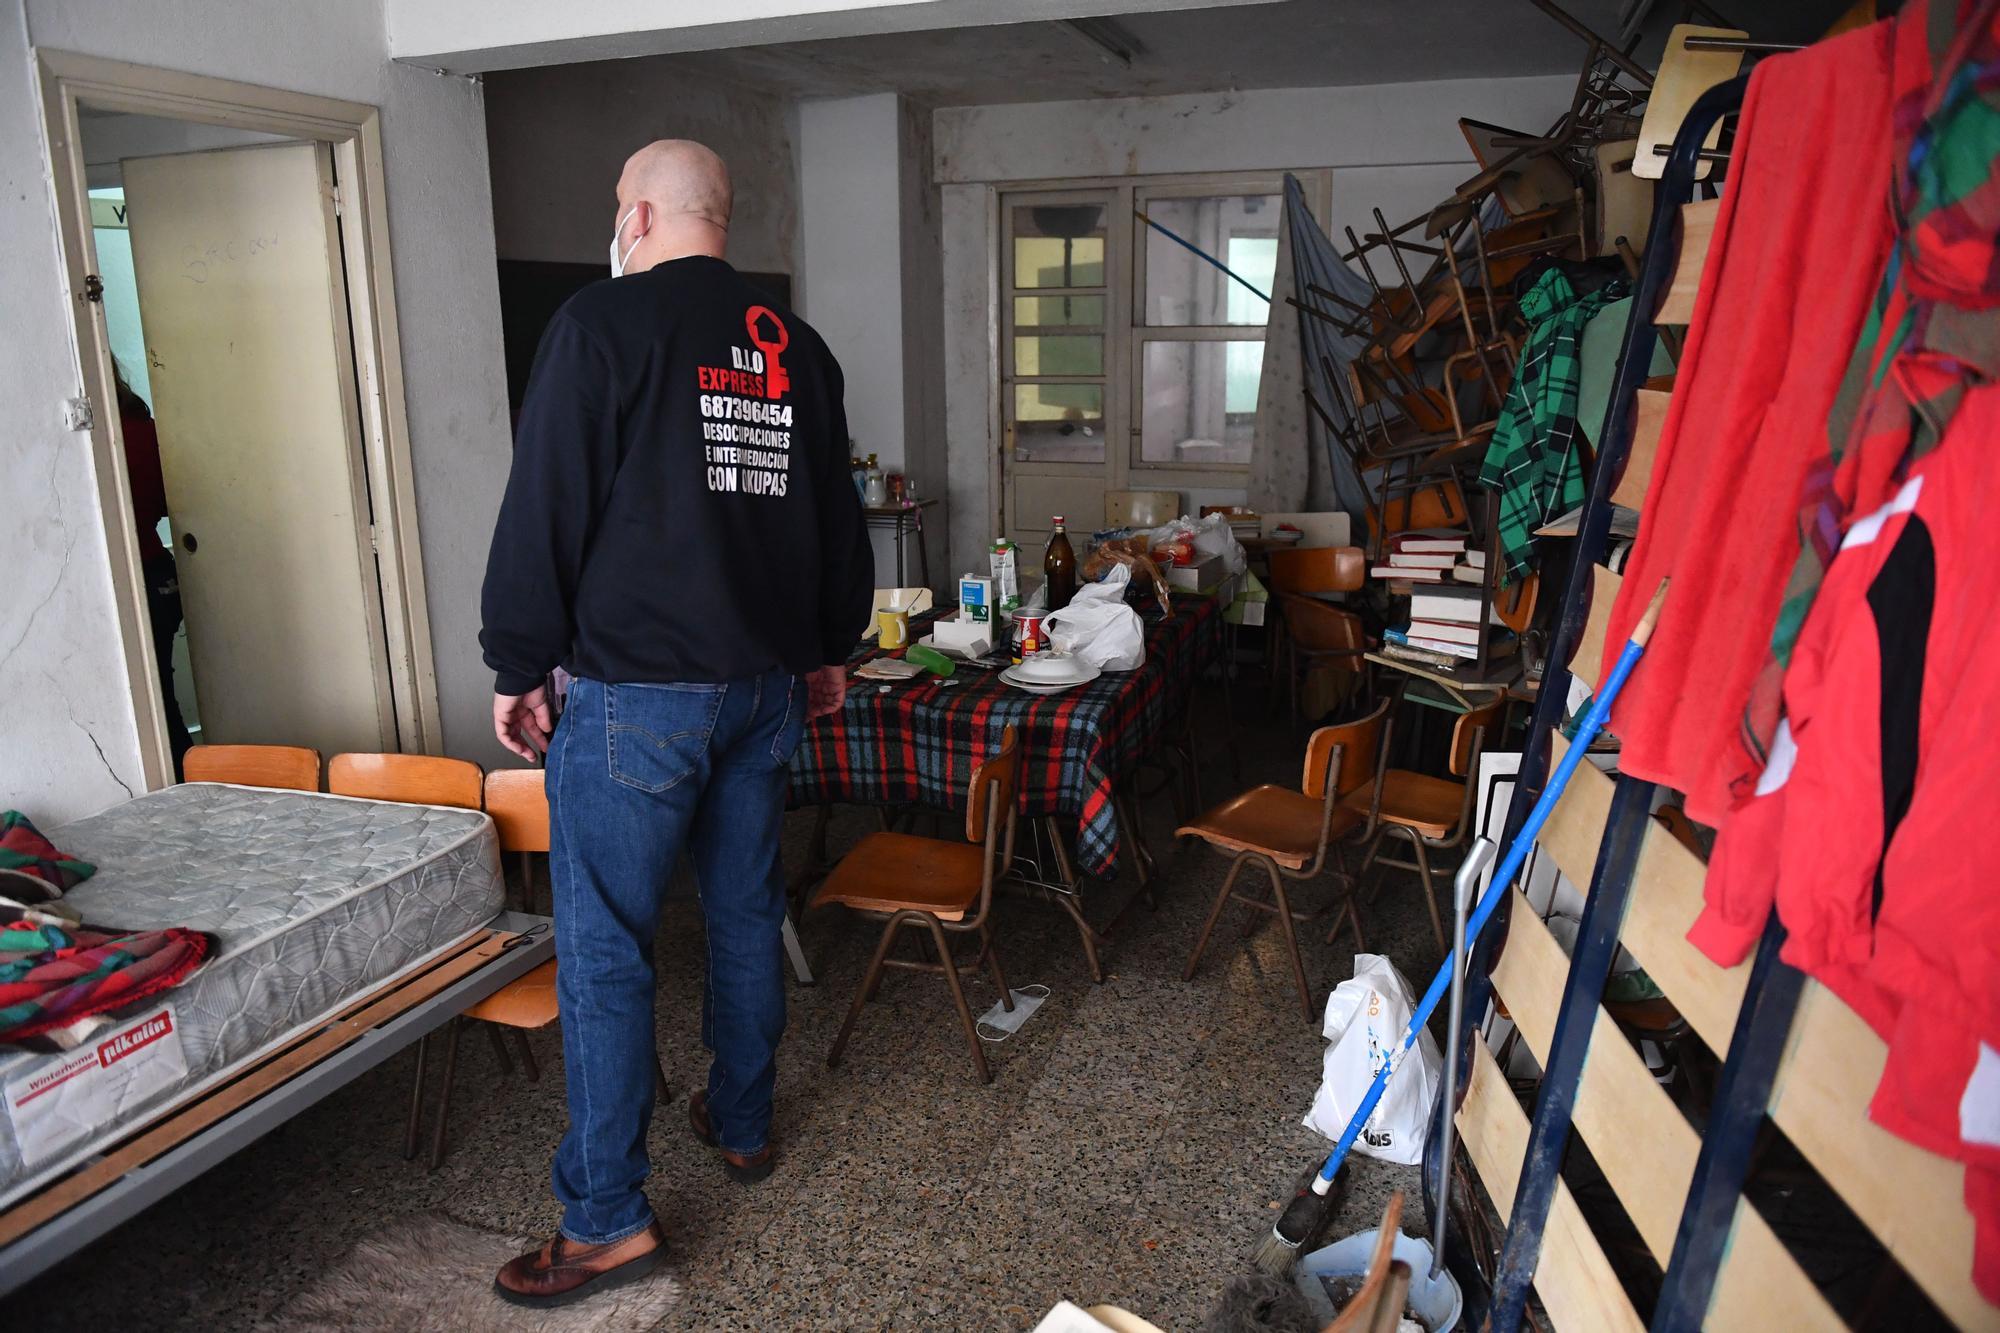 Desalojados 12 ocupas de una academia en A Coruña